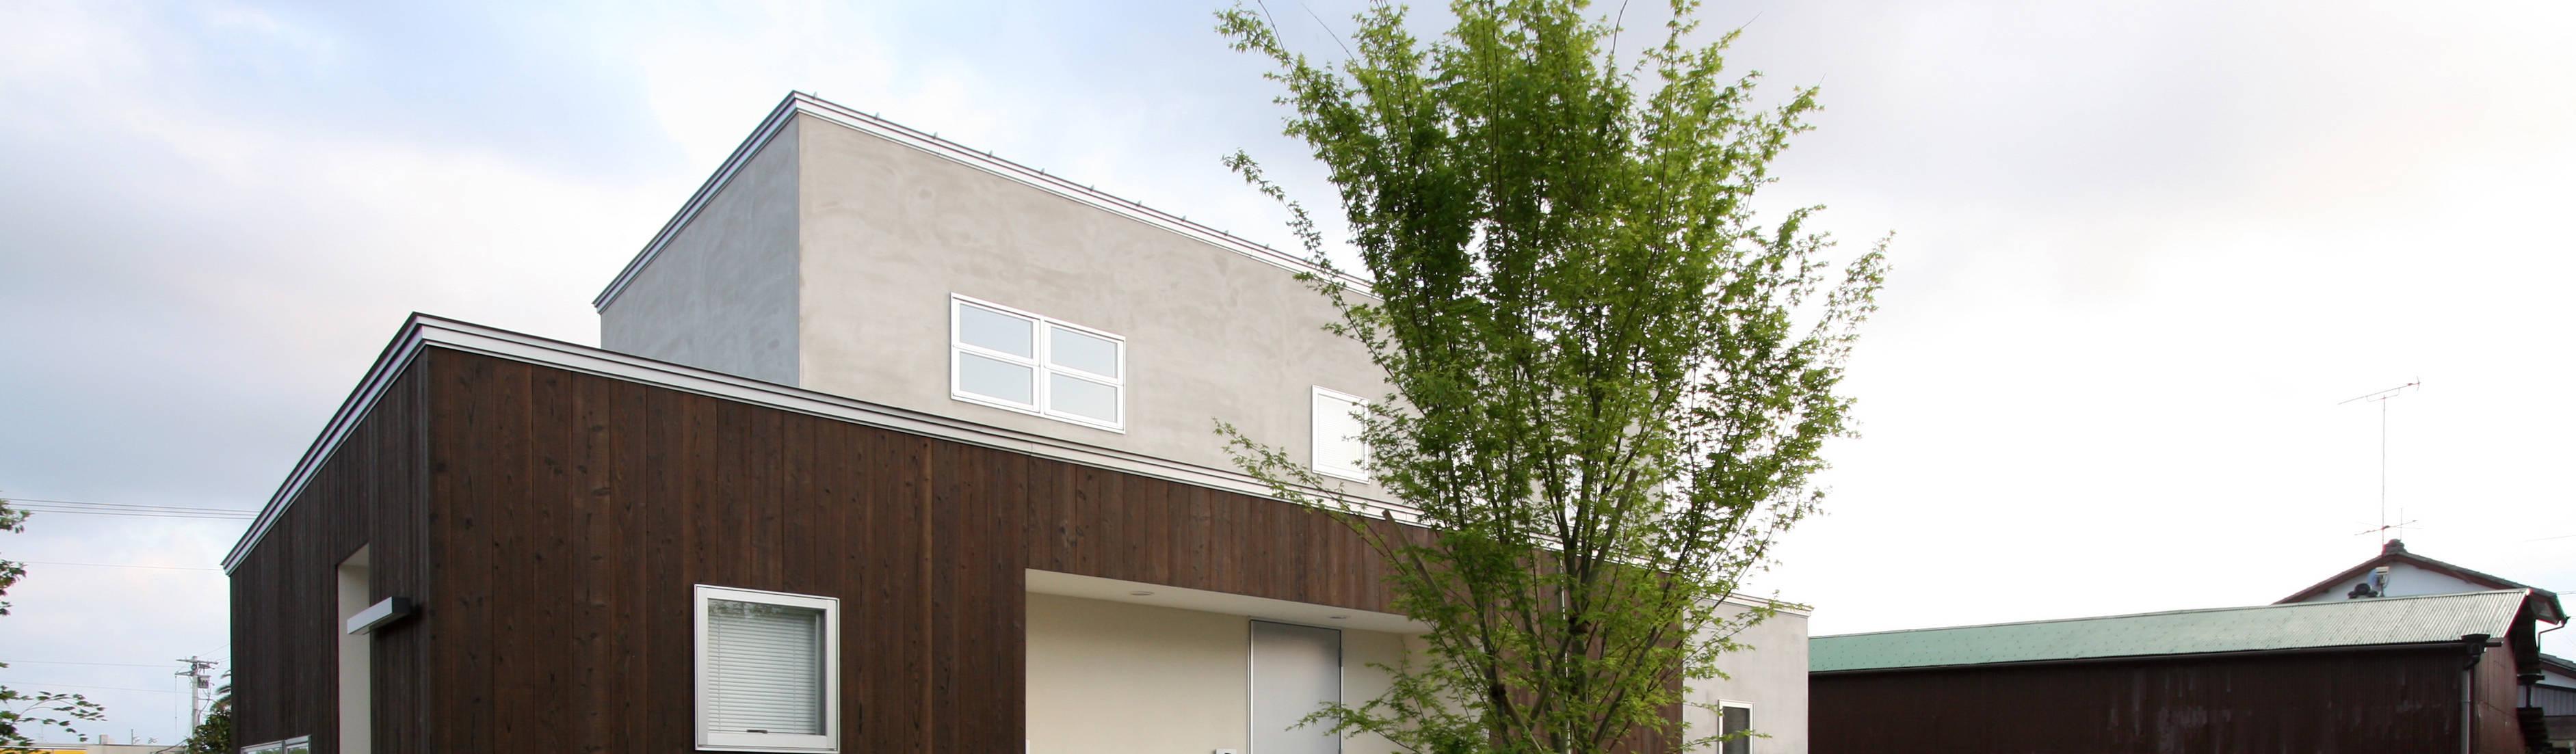 有限会社トレック建築設計室 一級建築士事務所